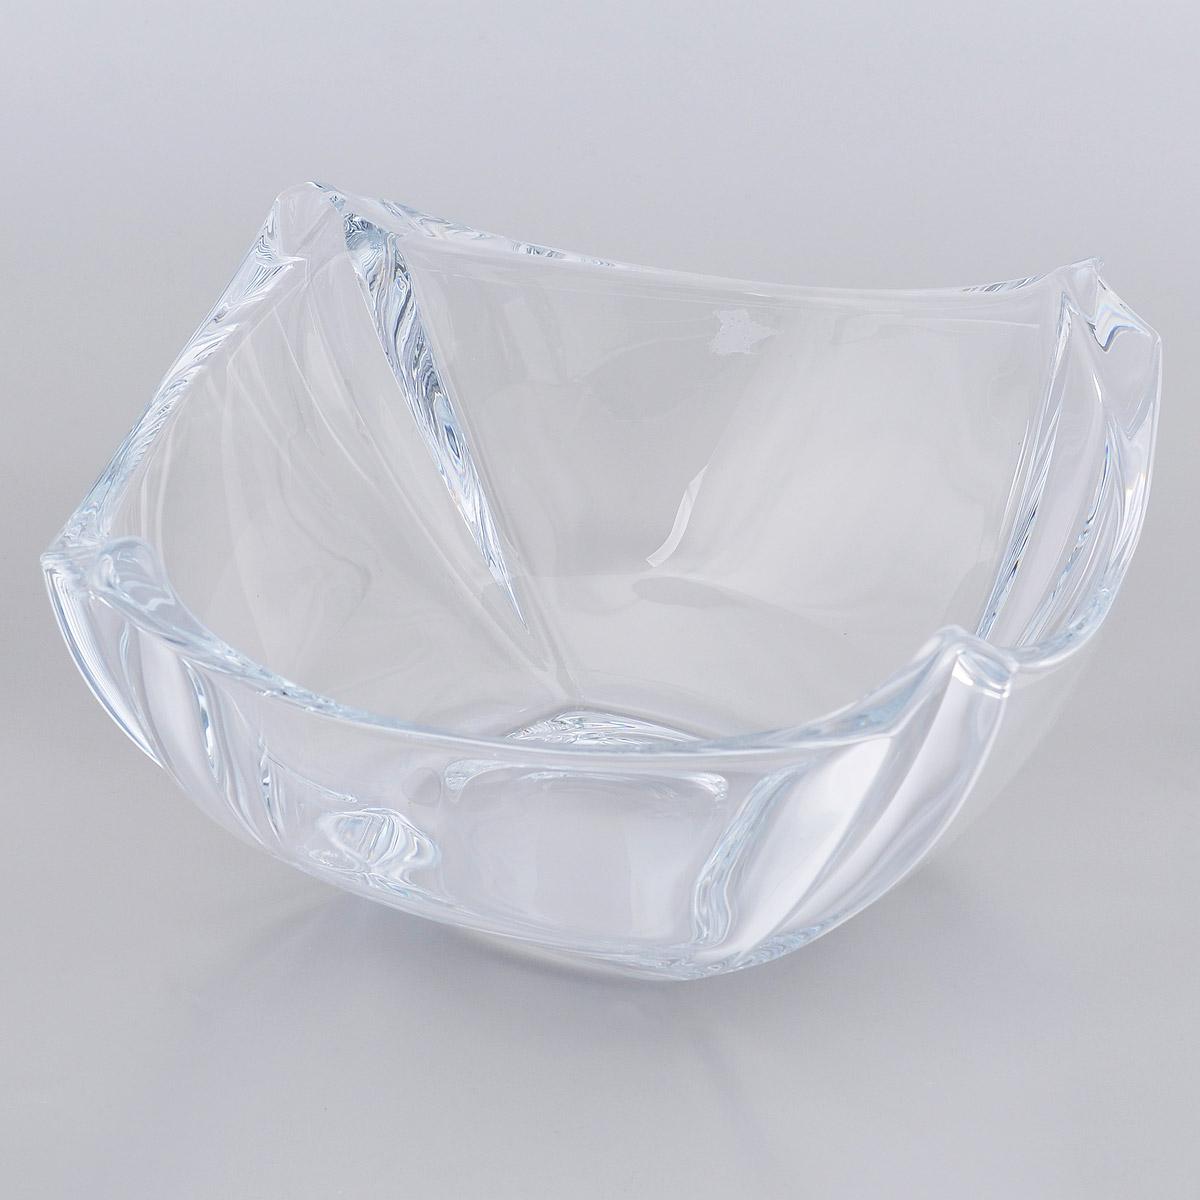 Салатник Crystalite Bohemia Колосеум, 25 см х 25 см х 12,5 см6KD21/0/99R14/255Салатник Crystalite Bohemia Колосеум изготовлен из прочного утолщенного стекла кристалайт. Салатник имеет оригинальную форму, что делает его изящным украшением праздничного стола. Изделие красиво переливается и излучает приятный блеск. Прекрасно подходит для сервировки салатов, закусок, конфет, пирожных и т.д. Салатник Crystalite Bohemia Колосеум - это изысканное украшение праздничного стола, которое удивит вас и ваших гостей оригинальным дизайном и практичностью.Можно мыть в посудомоечной машине.